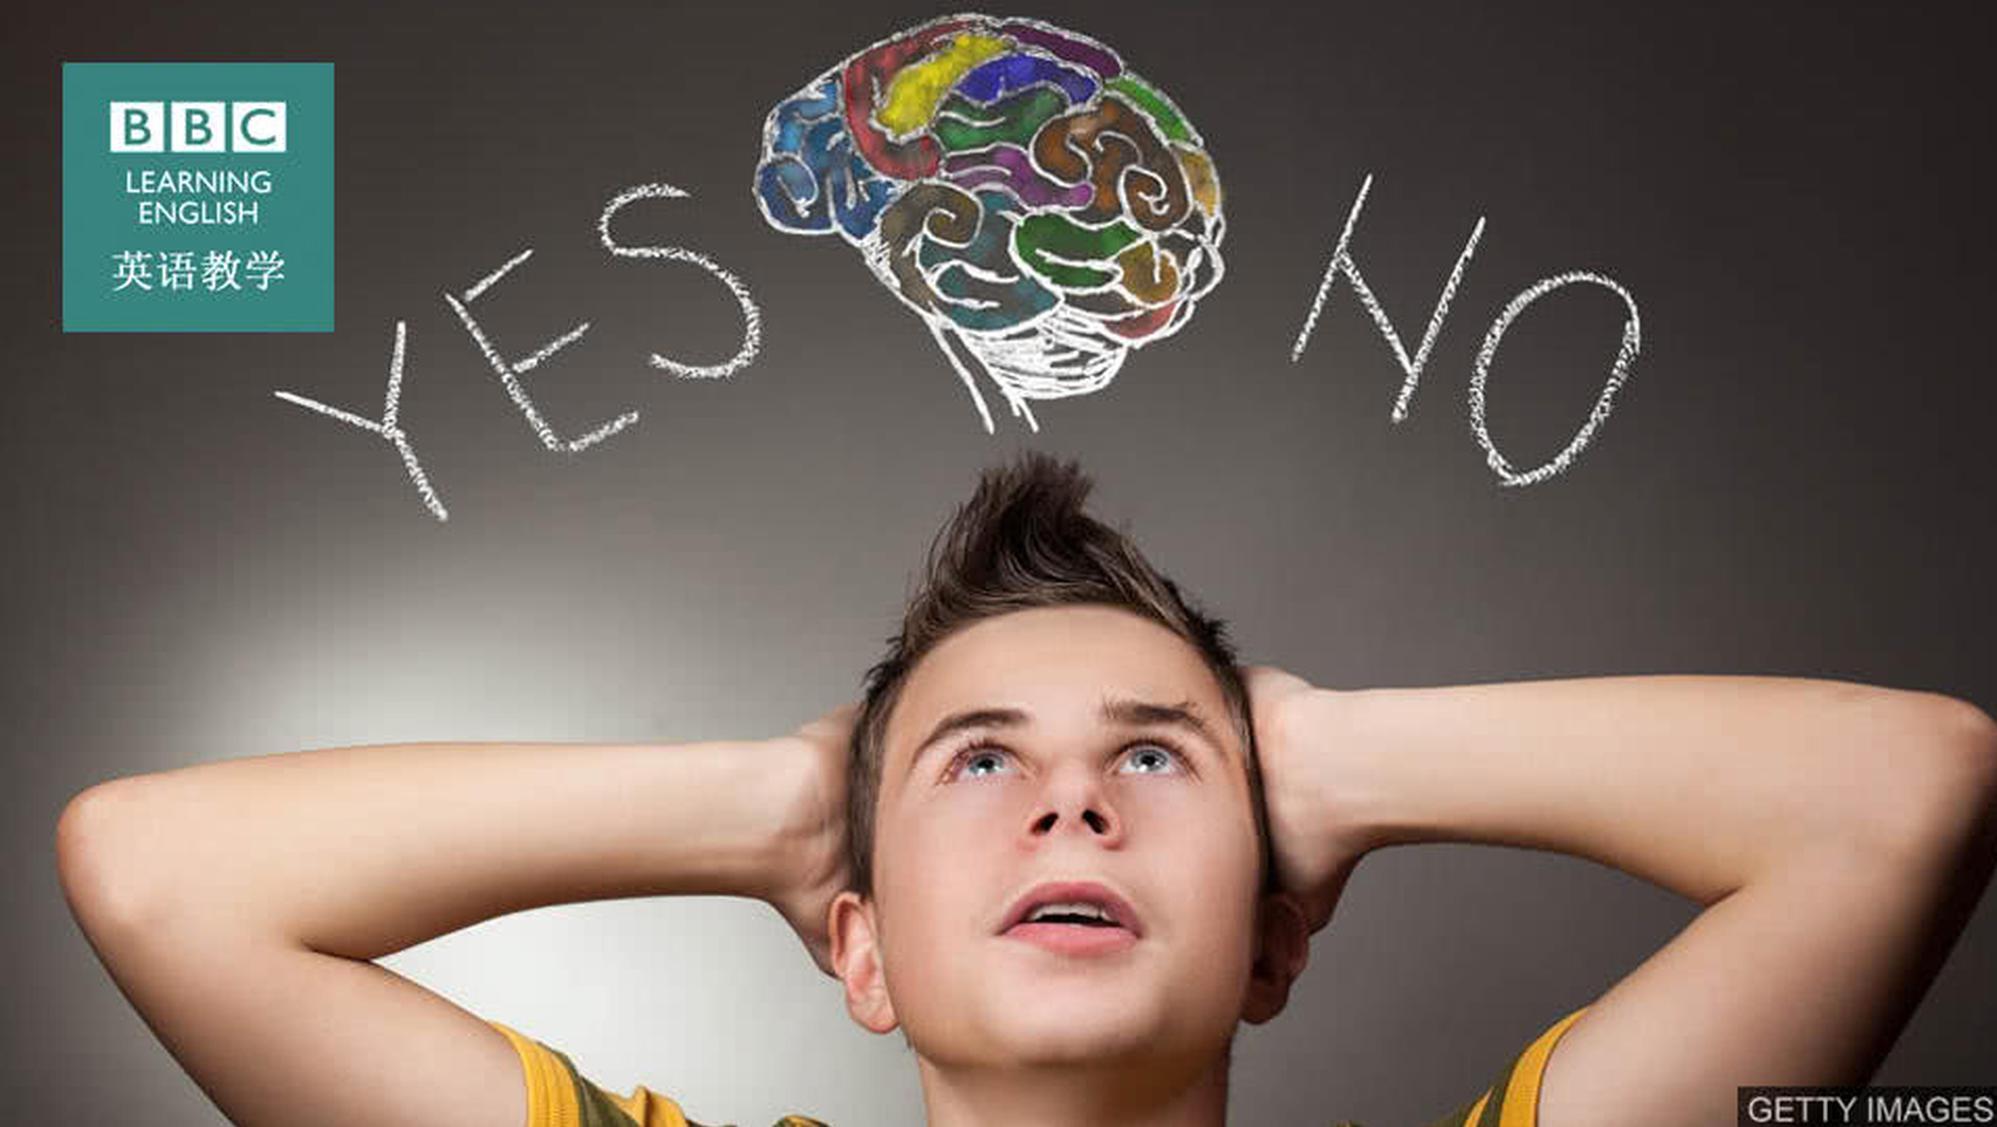 BBC随身英语:了解青少年的大脑发育过程和特点